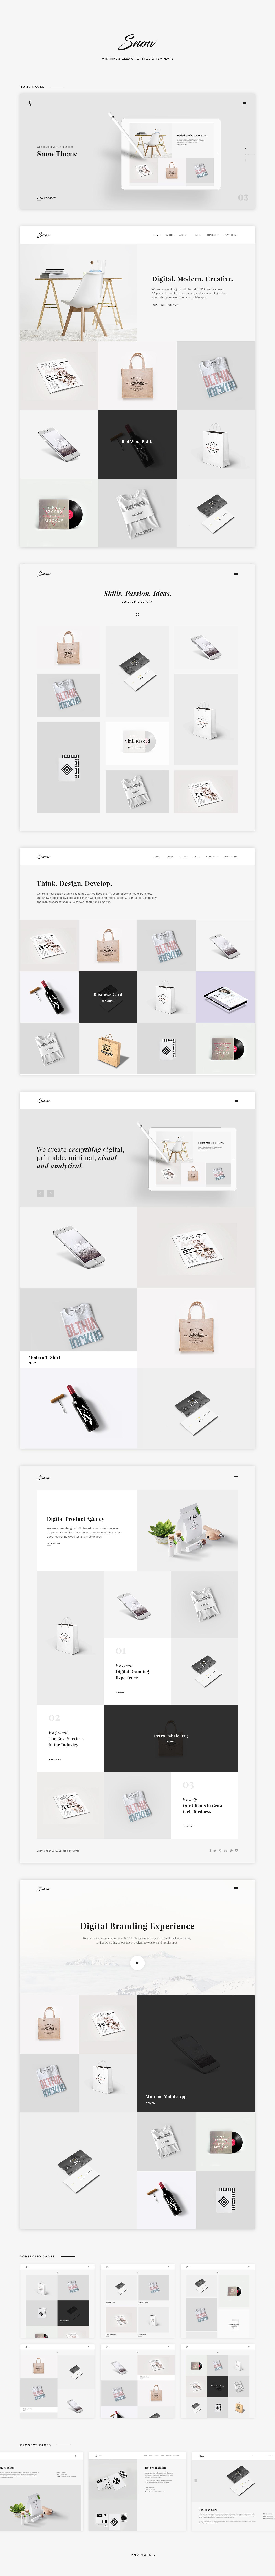 简洁的作品集展示网站模板 psd素材下载 网页模板-第1张